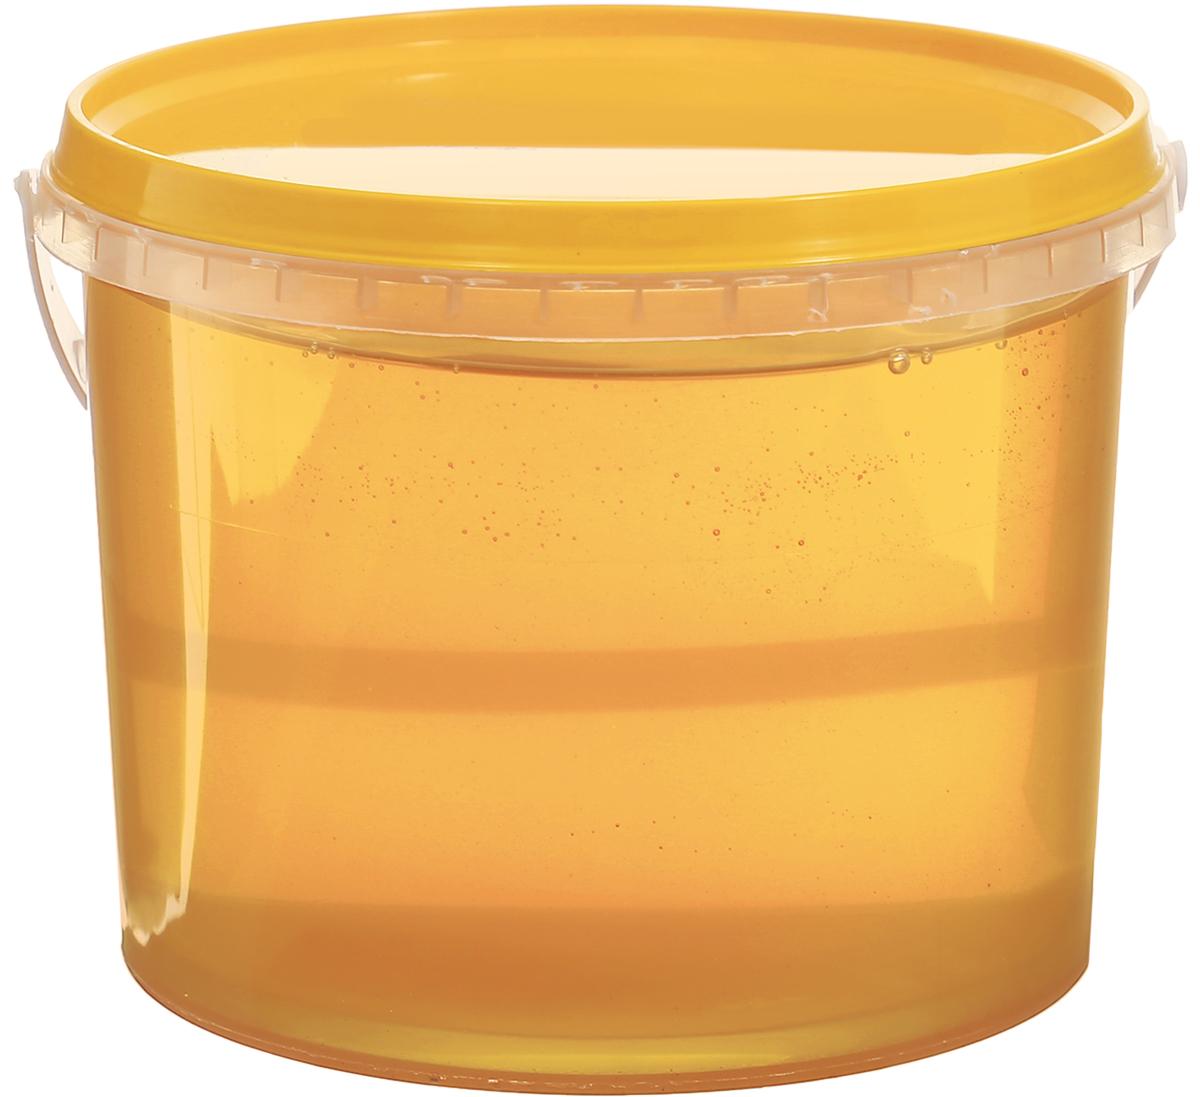 Медовед мед натуральный липовый дальневосточный, 1 кг4627123647514Польза липового меда настолько велика, что он до сих пор является научной загадкой. Химический состав этого сорта меда сложный и разнообразный - он включает в себя более 400 полезных веществ.Липовый мед состоит на 80% из сухих веществ, в основном из фруктозы и глюкозы. И на 20% - из воды. В состав липового меда входит около 7% мальтозы, полезной для пищеварения.Липовый мед содержит витамины: В1 (тиамин), В2 (рибофлавин), В5 (пантотеновую кислоту), В6 (пиридоксин), Н (биотин), РР (ниацин), С (аскорбиновую кислоту), никотиновую кислоту, токоферол.Невероятные лечебные свойства липового меда обусловлены тем, что витамины, входящие в его состав, удачно сочетаются с другими микро- и макроэлементами липового меда. В нем содержатся калий, медь, сера, кальций, никель, алюминий, йод, фосфор, цинк, кобальт и другие элементы.